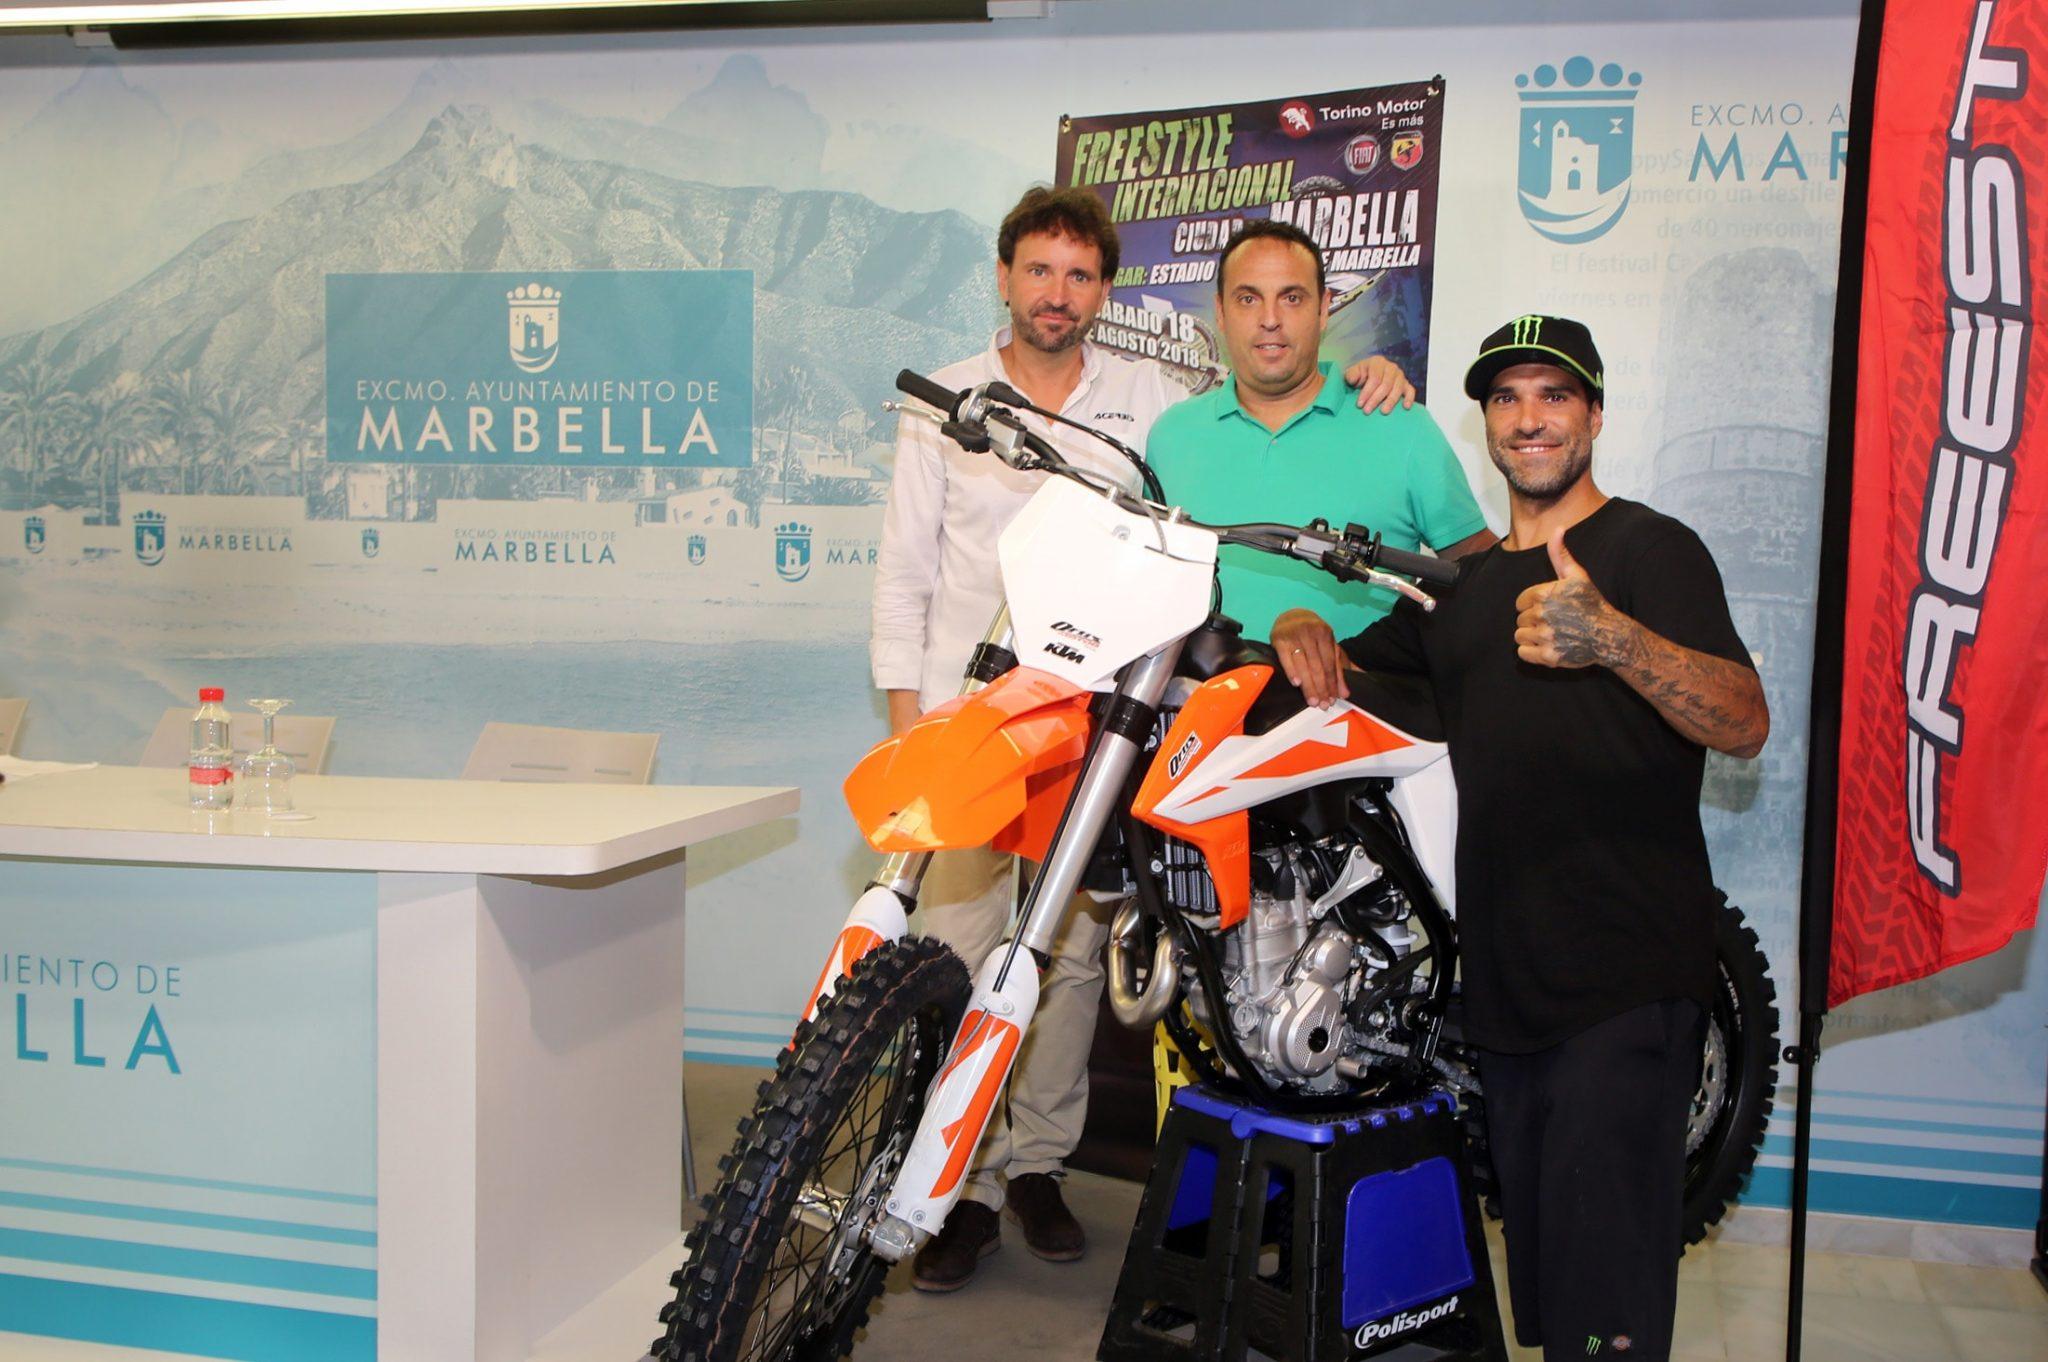 'Freestyle' vuelve a Marbella el sábado 18 de agosto con pilotos de primer nivel